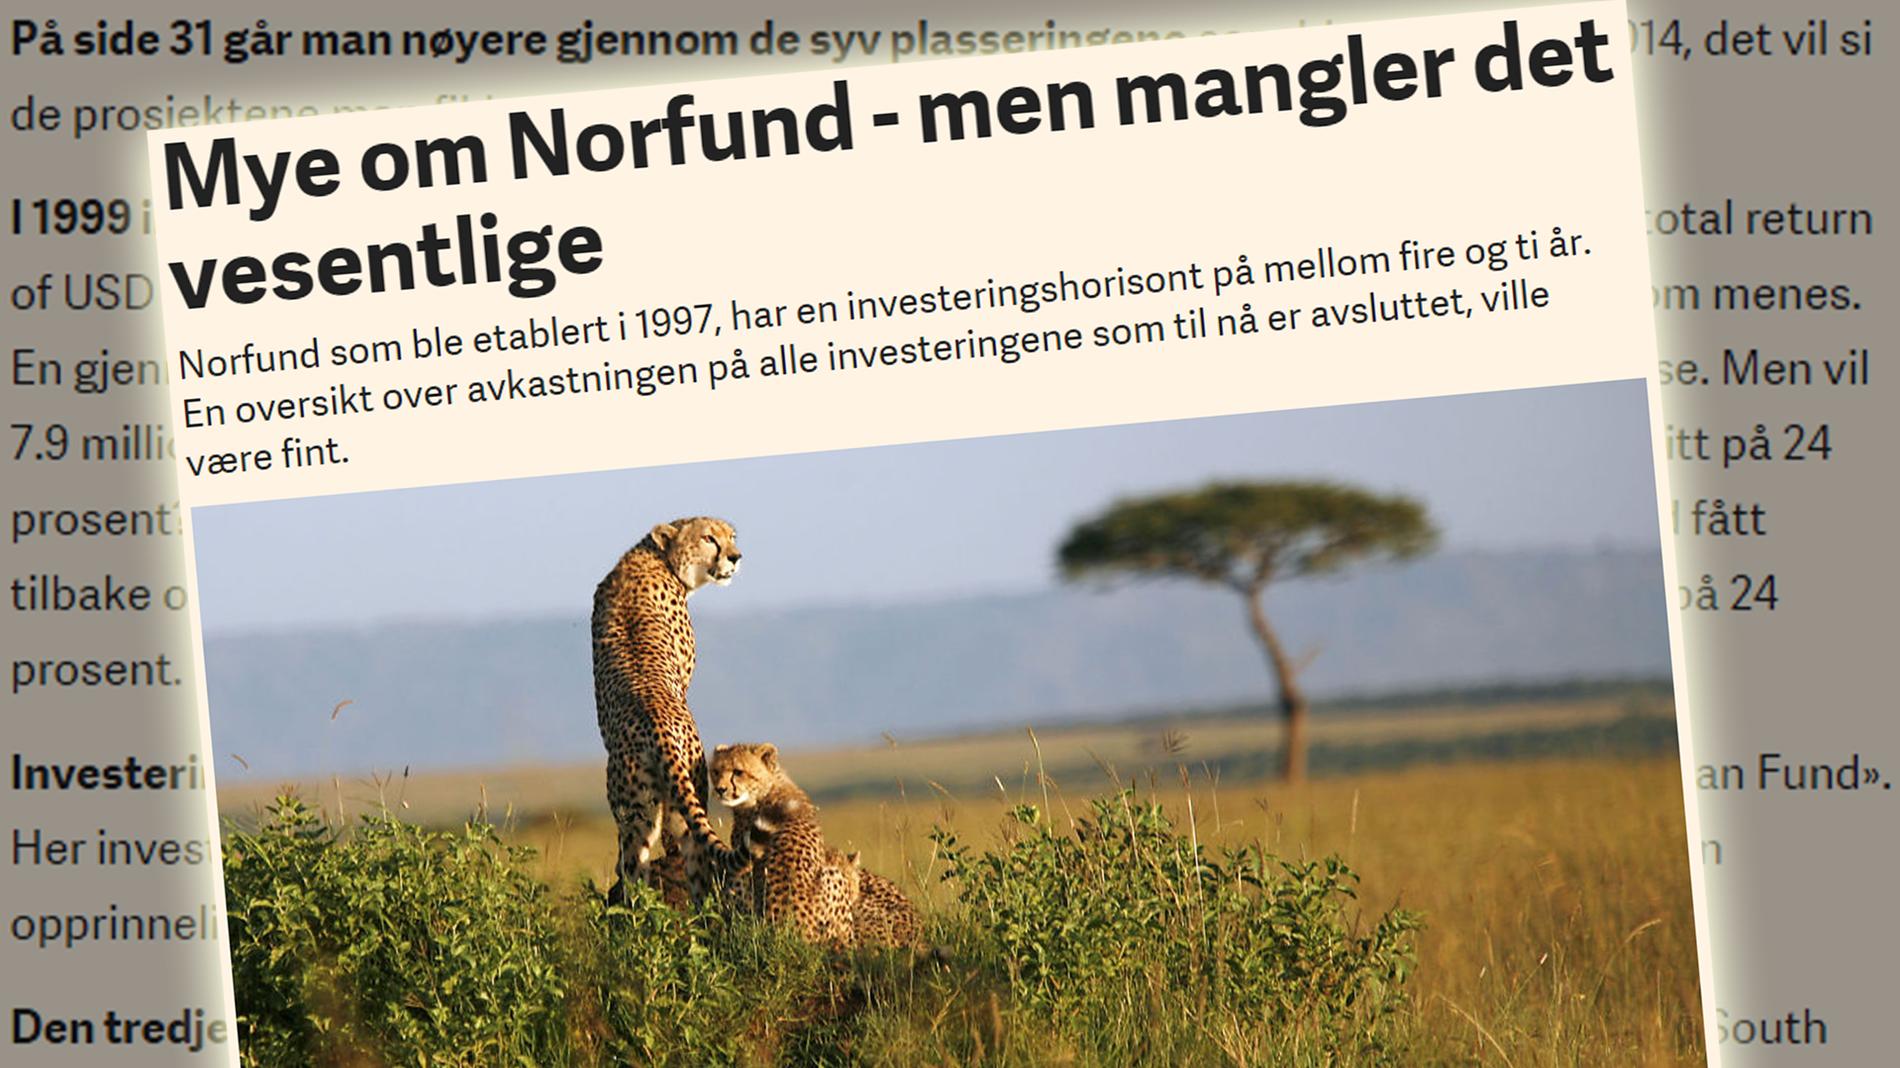 MANGLER? Arne Jon Isachsen etterlyste en oversikt over avkastningen på Norfunds investeringer.